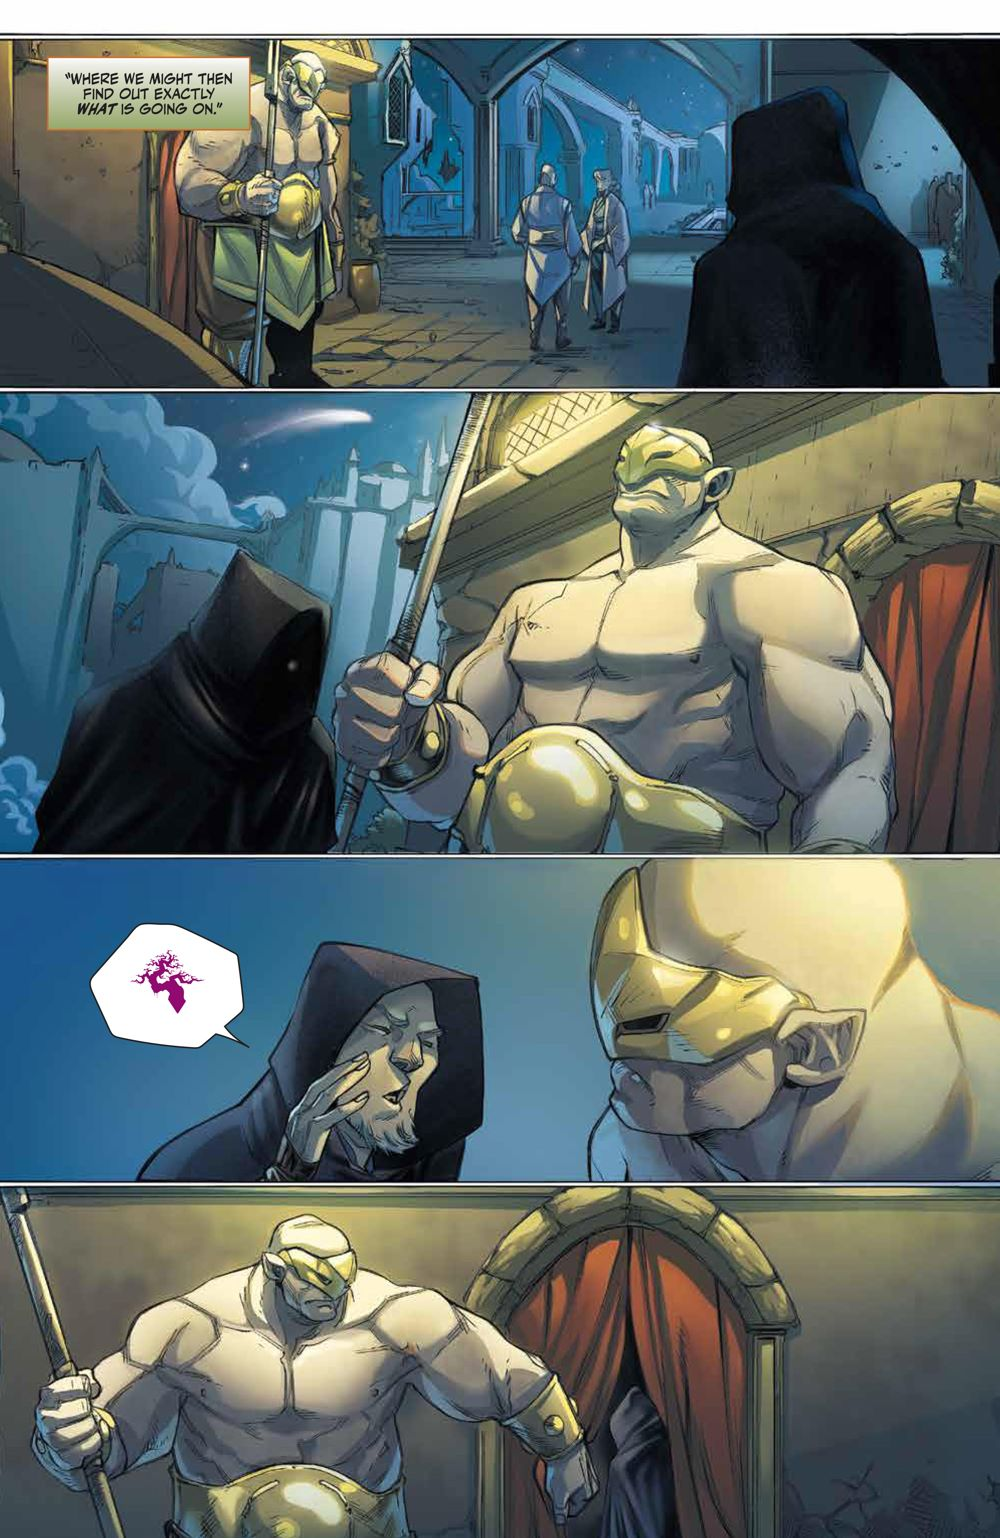 Magic_003_PRESS_6-1 ComicList Previews: MAGIC #3